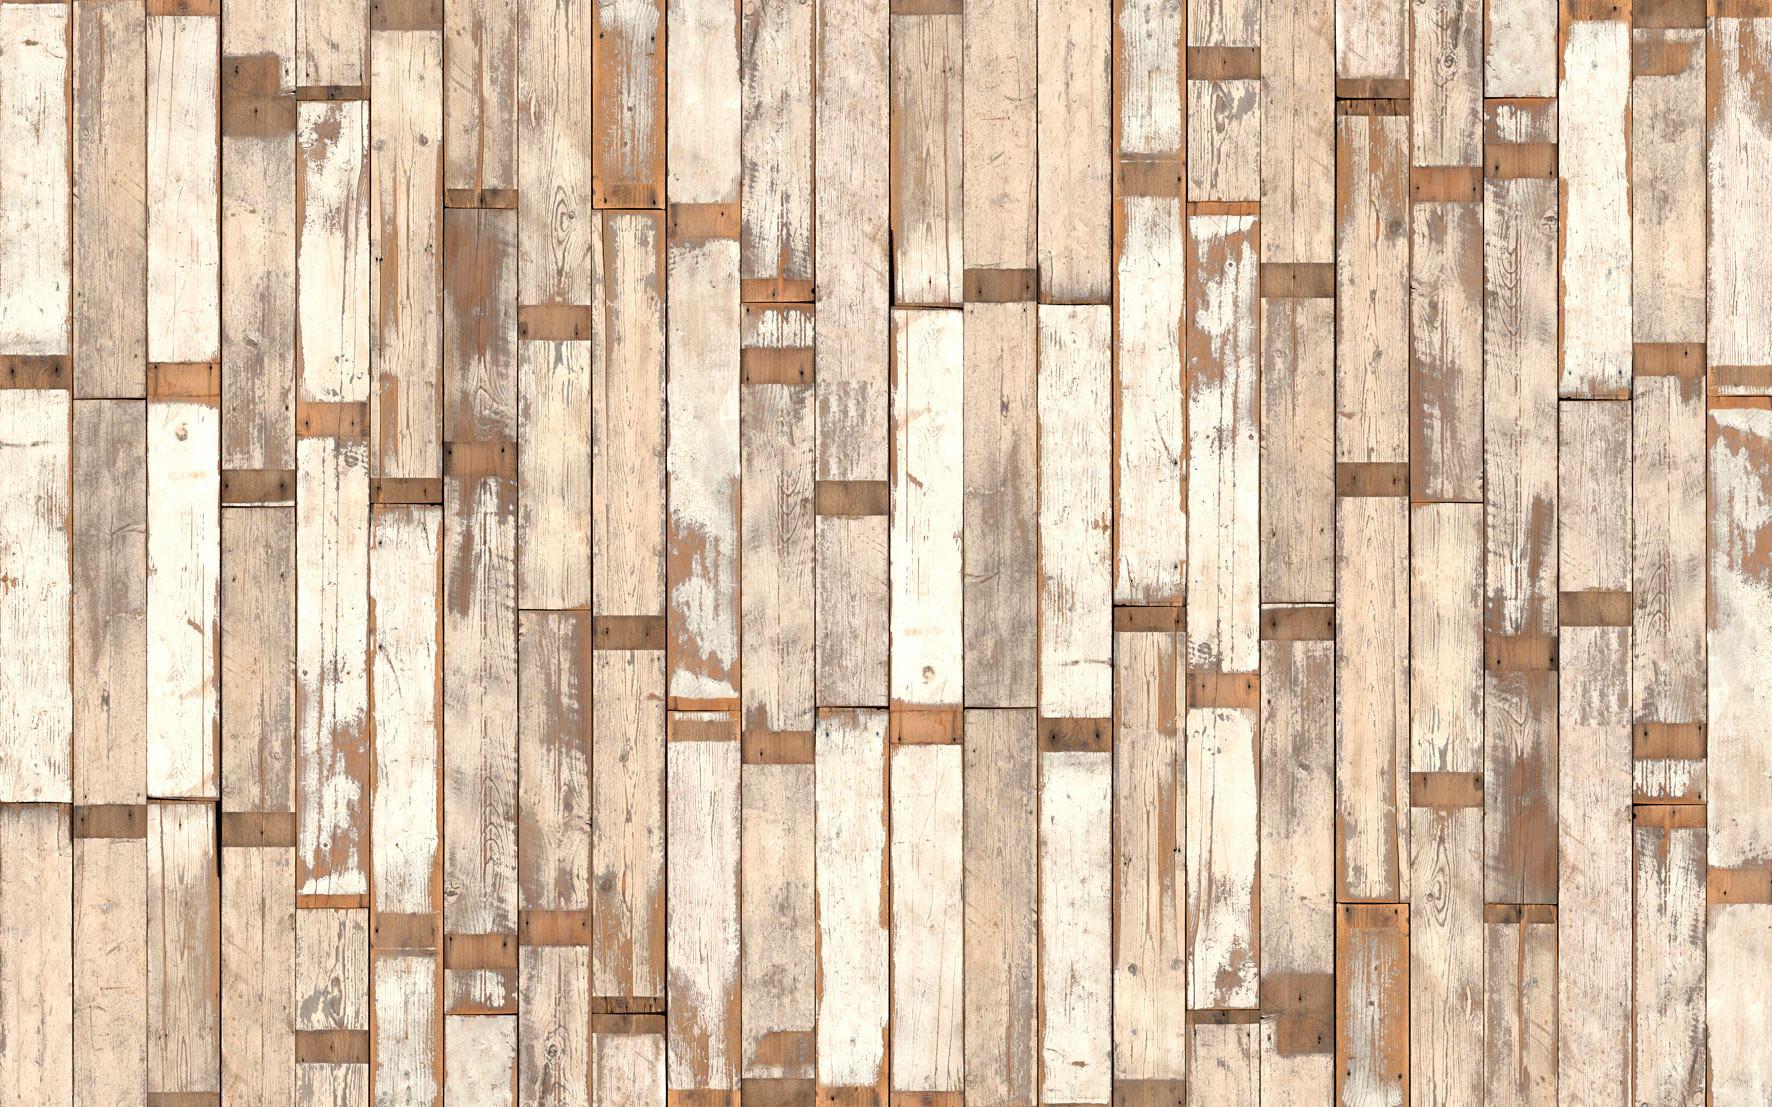 Nlxl Scrap Wood Wallpaper By Piet Hein Eek Phe 02